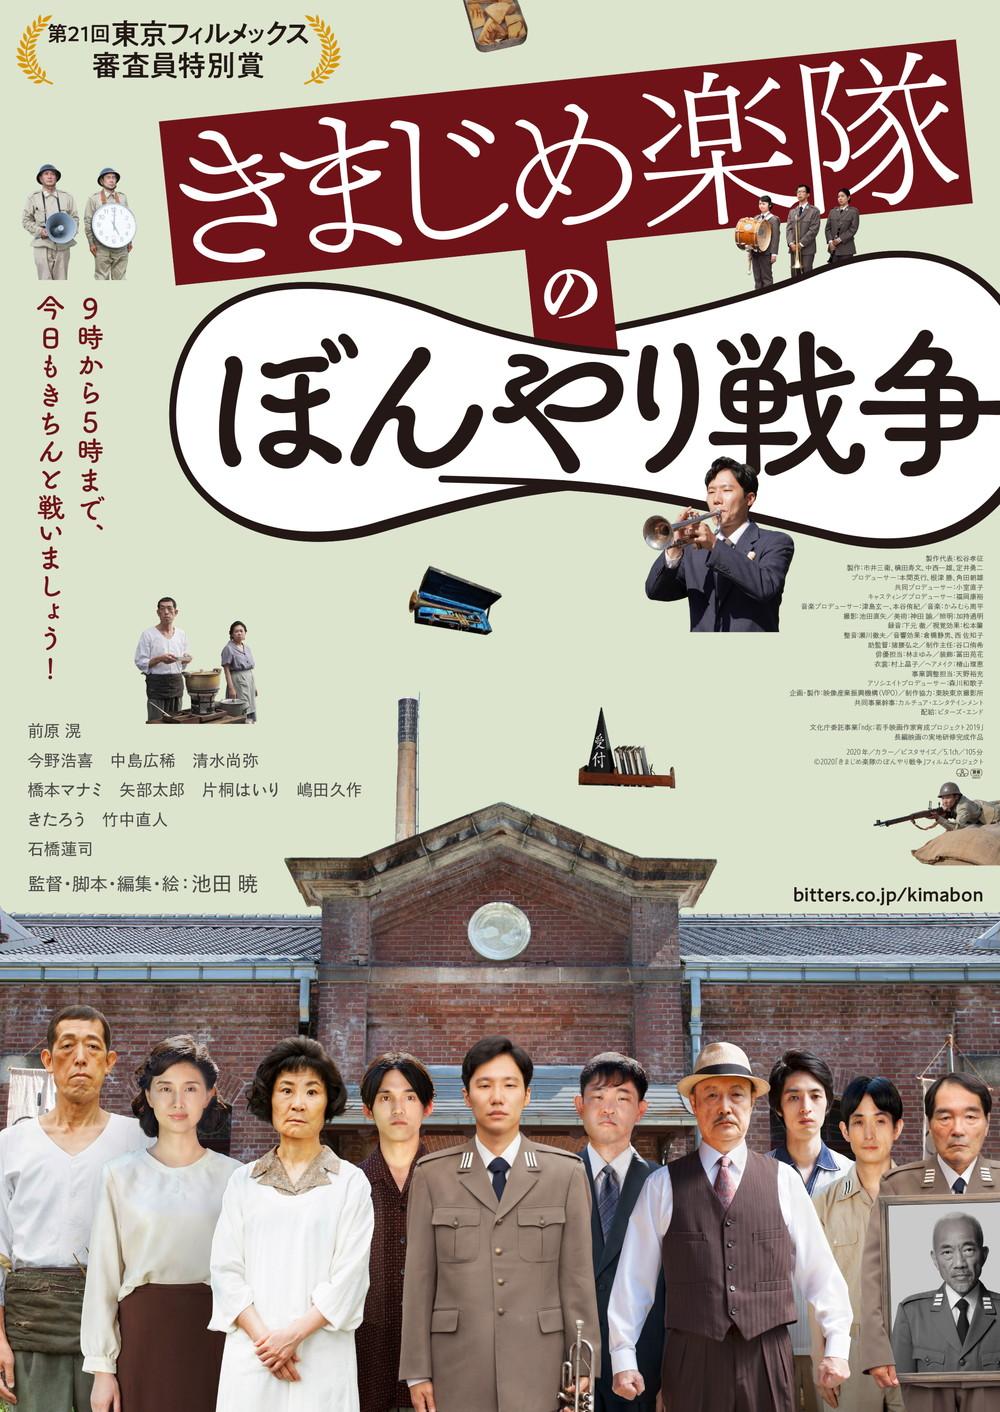 きまじめ楽隊のぼんやり戦争poster